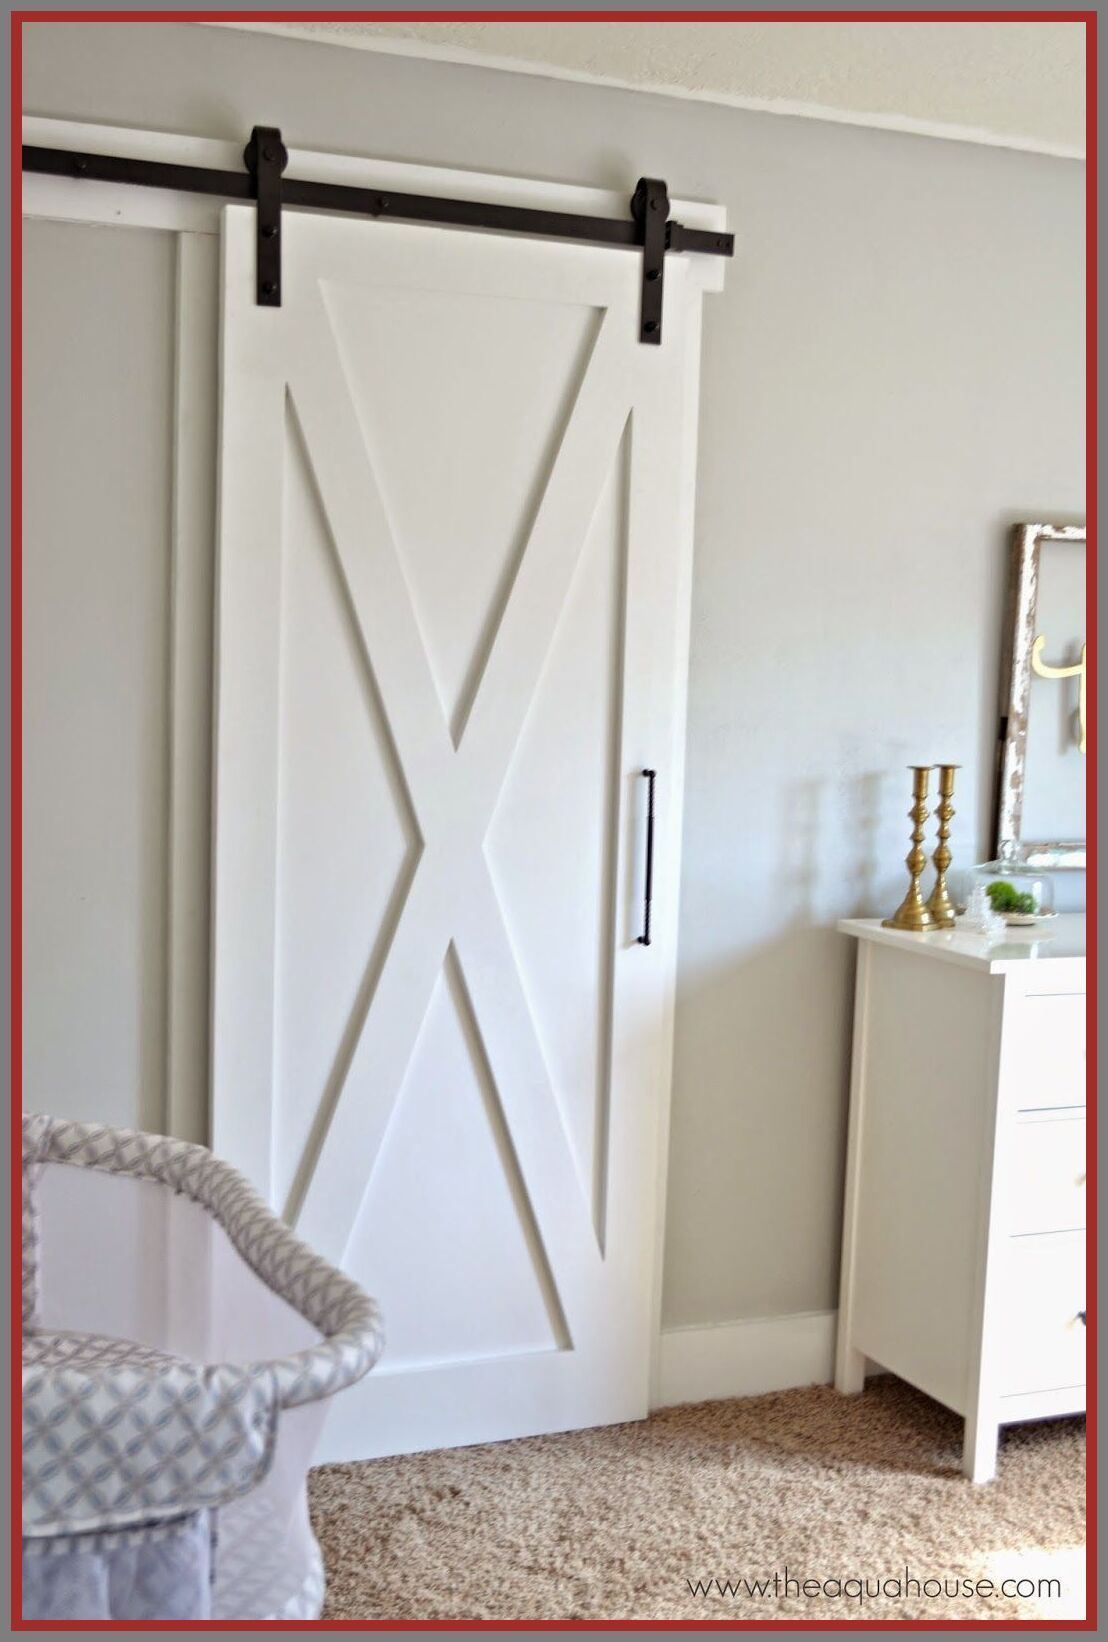 43 Reference Of White Bedroom Door Home Depot In 2020 Bedroom Door Handles White Bedroom Door Interior Barn Doors